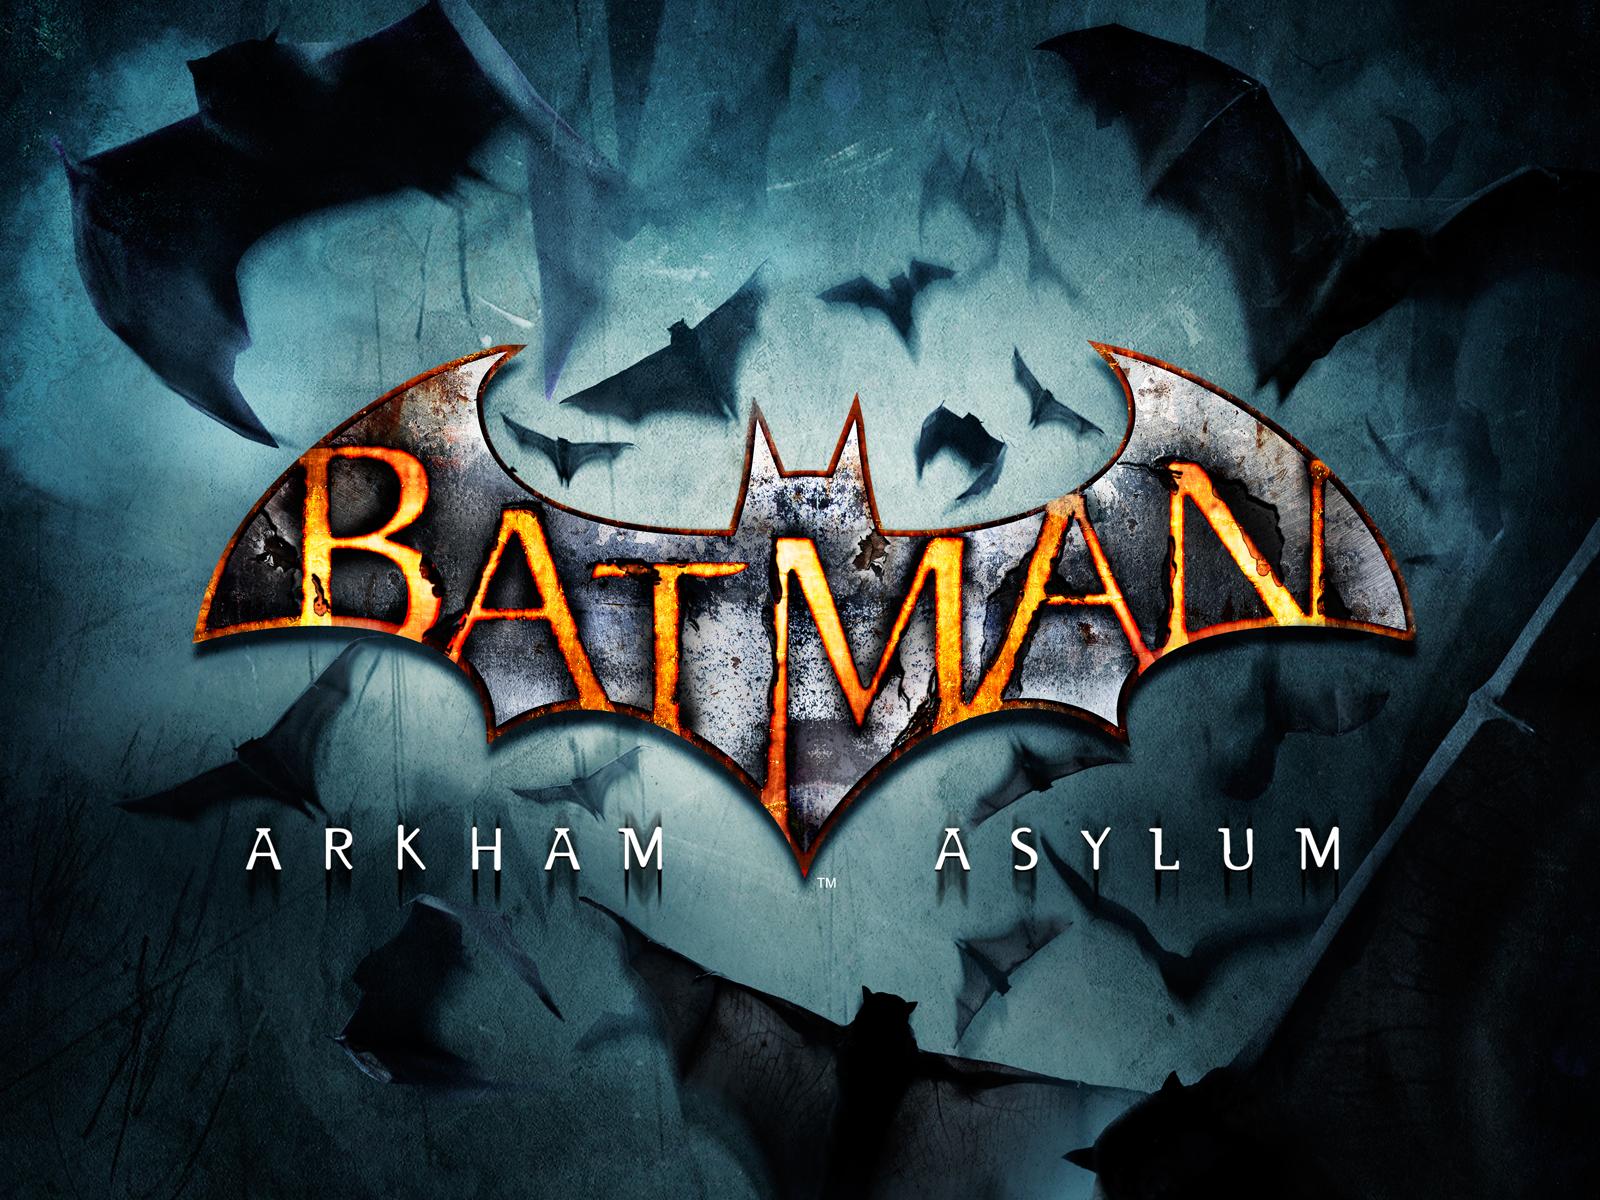 http://1.bp.blogspot.com/-lC3NlwXrqIs/TntBafuNQvI/AAAAAAAAAGo/d0SdOS7vPN0/s1600/batman-arkham-asylum-wallpaper-8.jpg